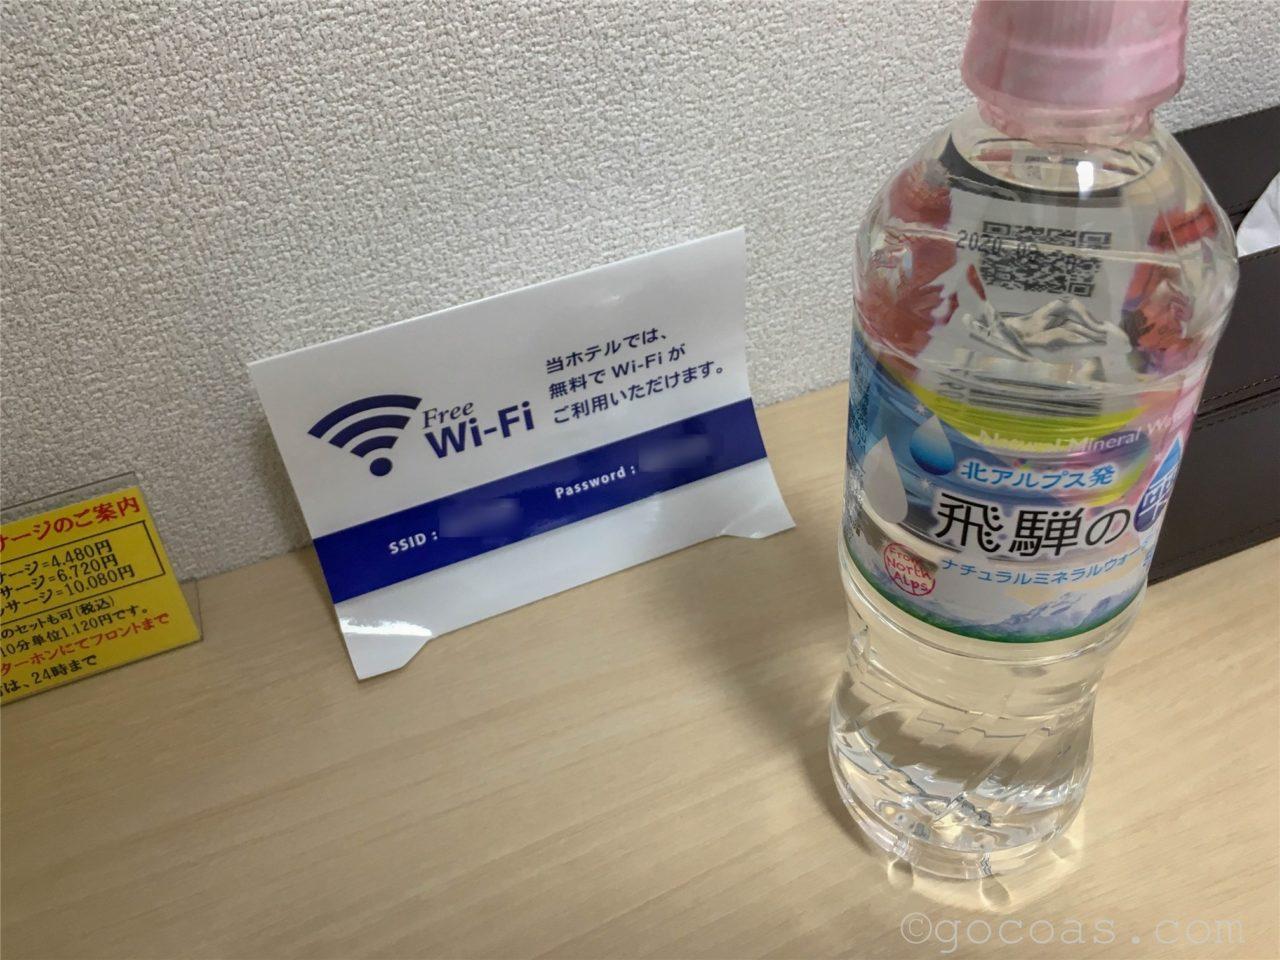 ユニゾンエクスプレス盛岡Wi-Fi